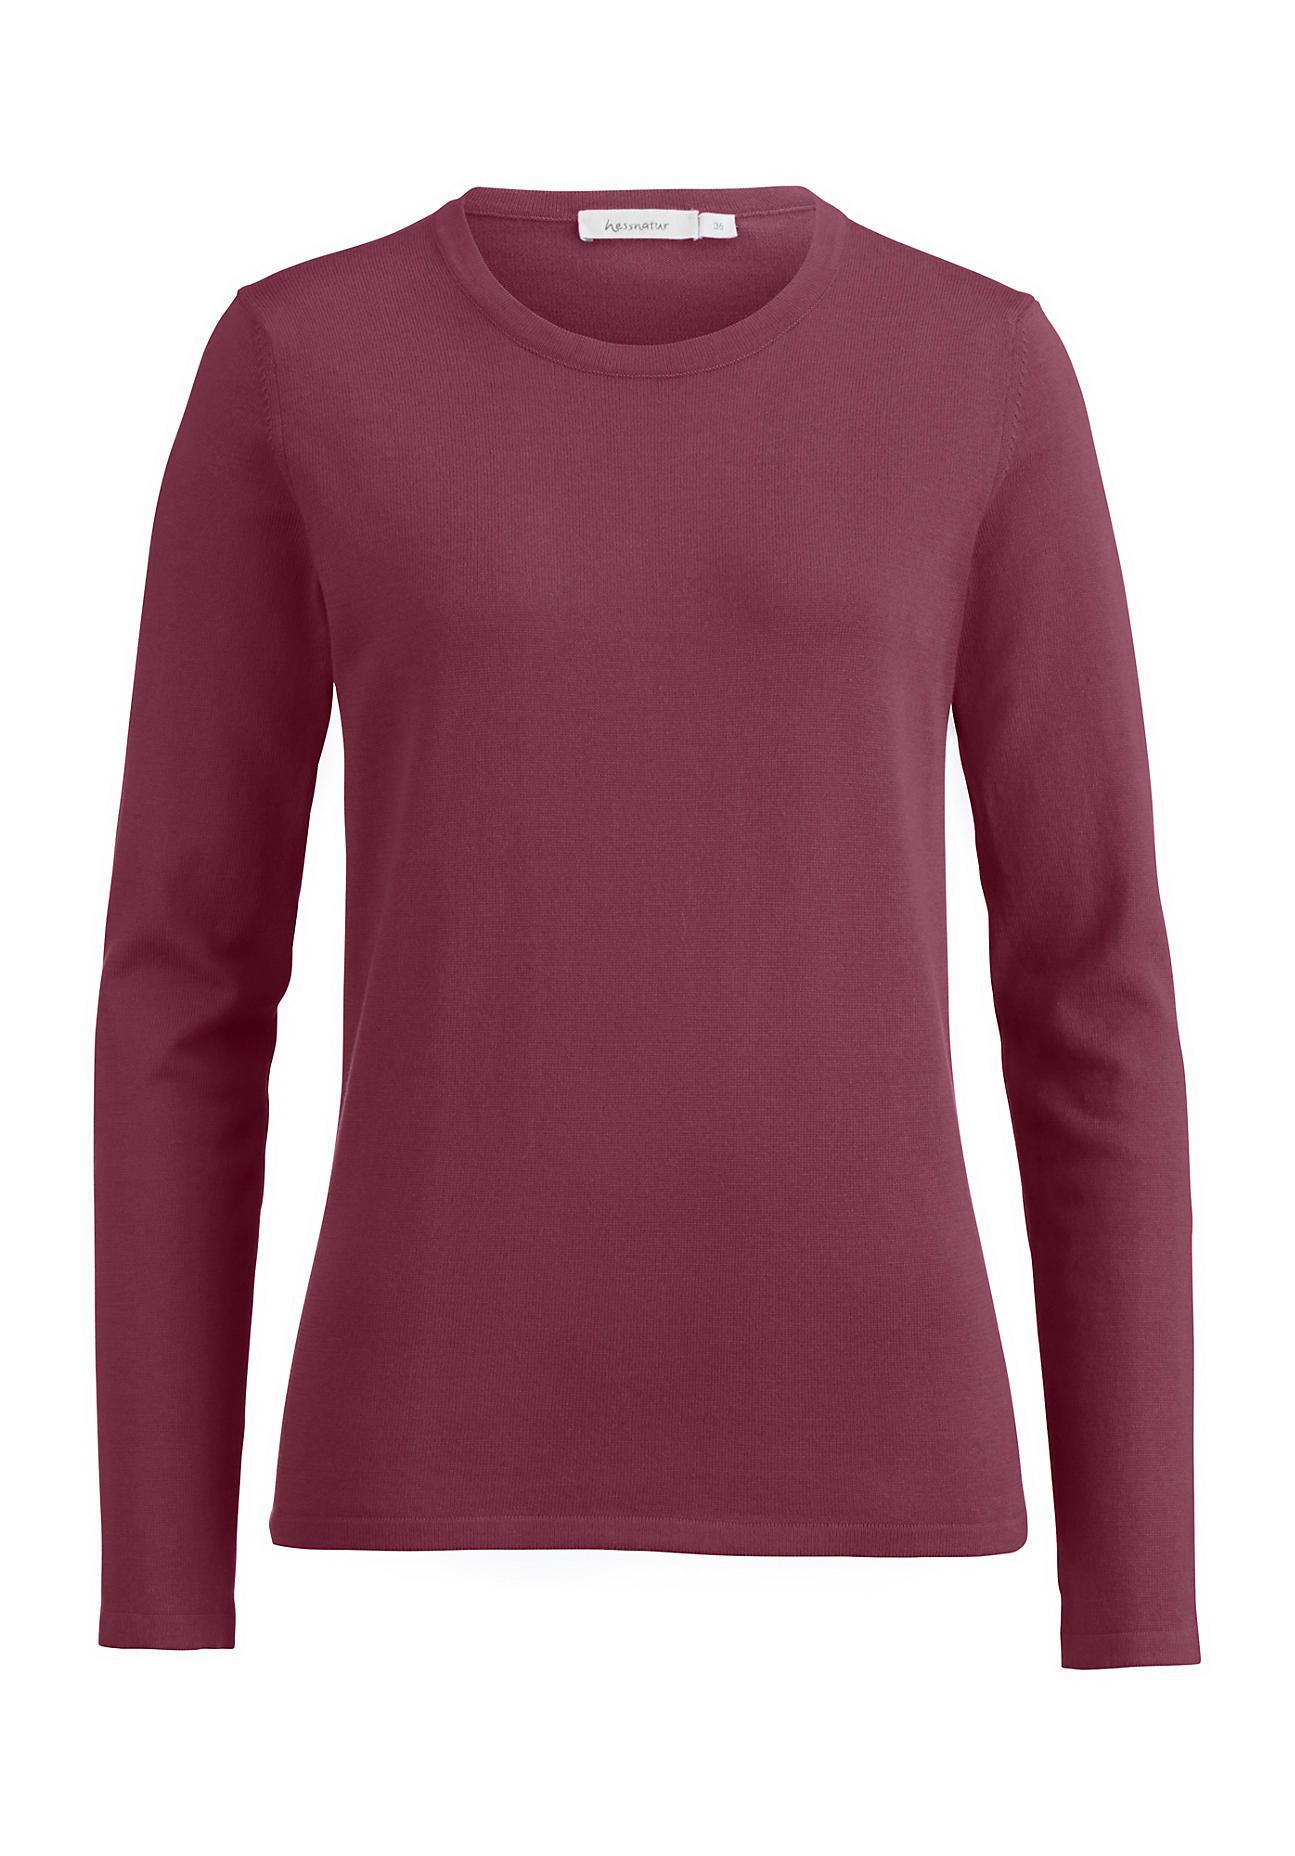 hessnatur -  Damen Pullover aus Bio-Baumwolle – lila – Größe 34